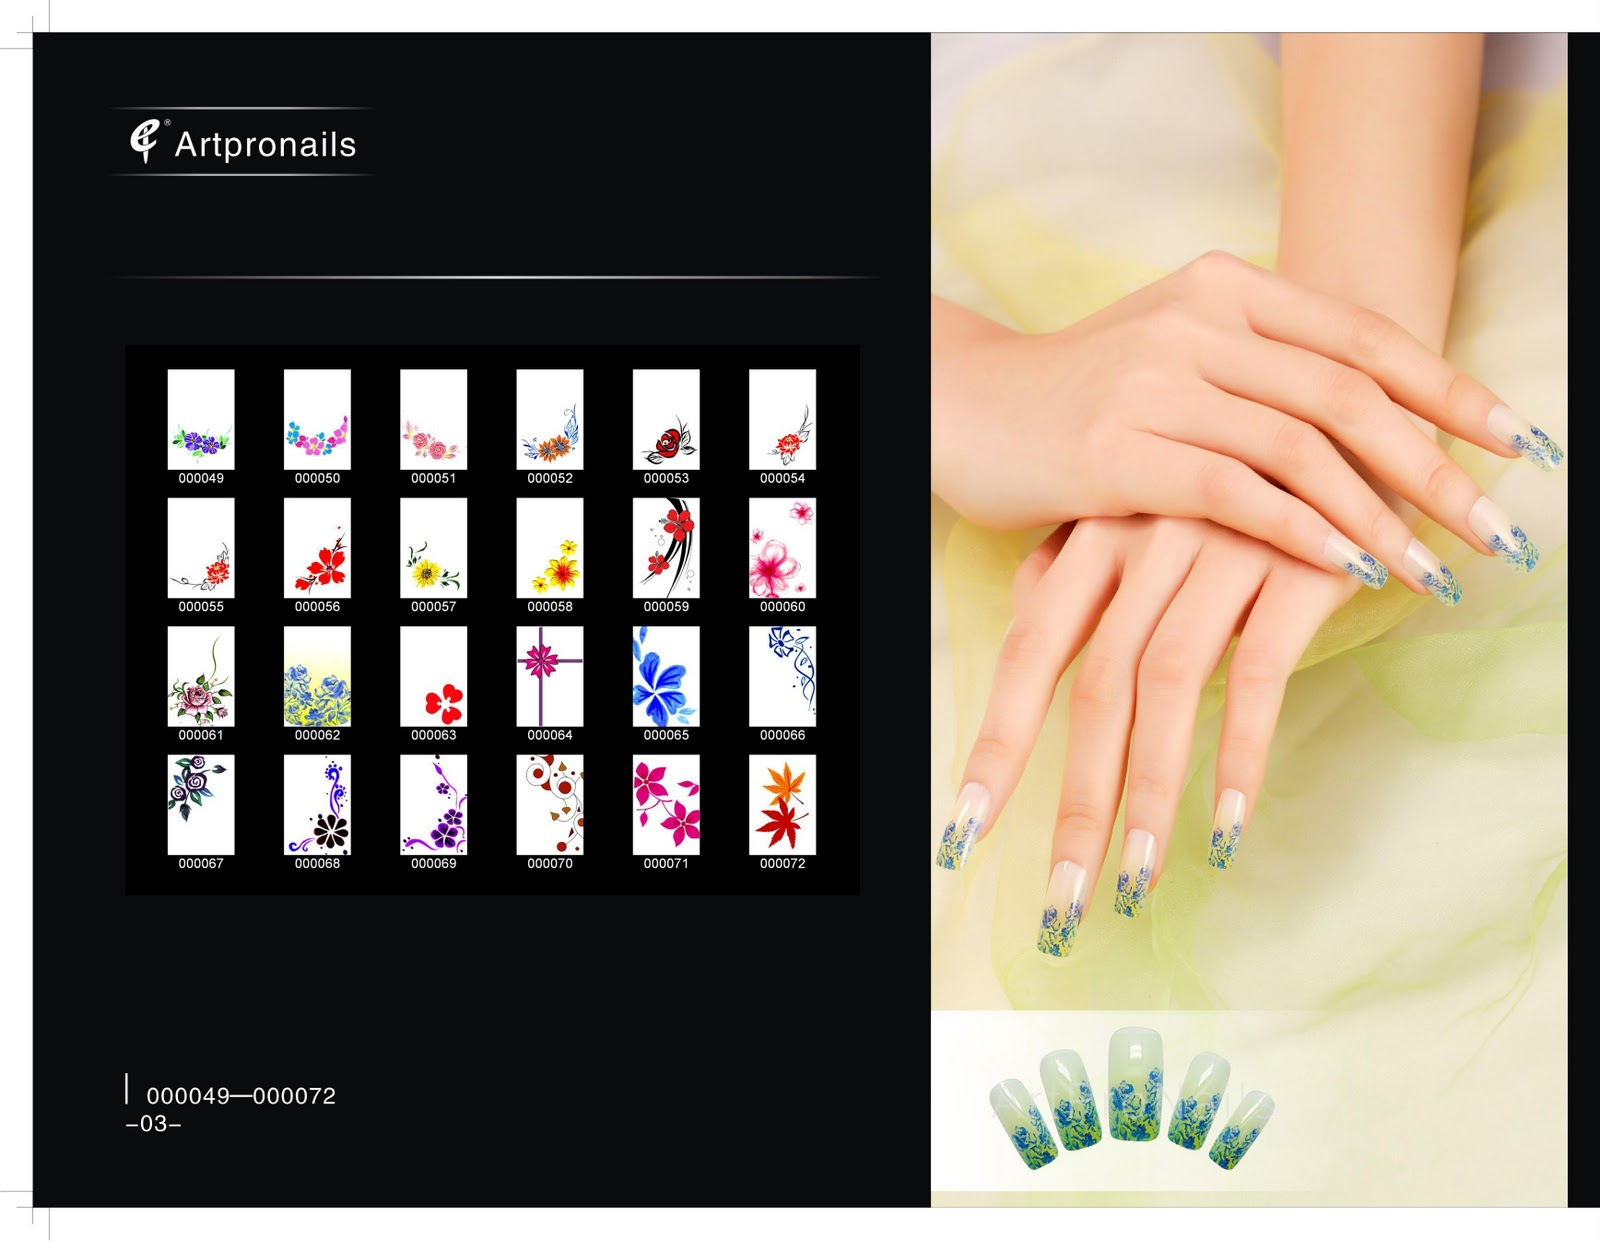 Artpro nails sg catalog for digital nail art design catalog for digital nail art design prinsesfo Image collections